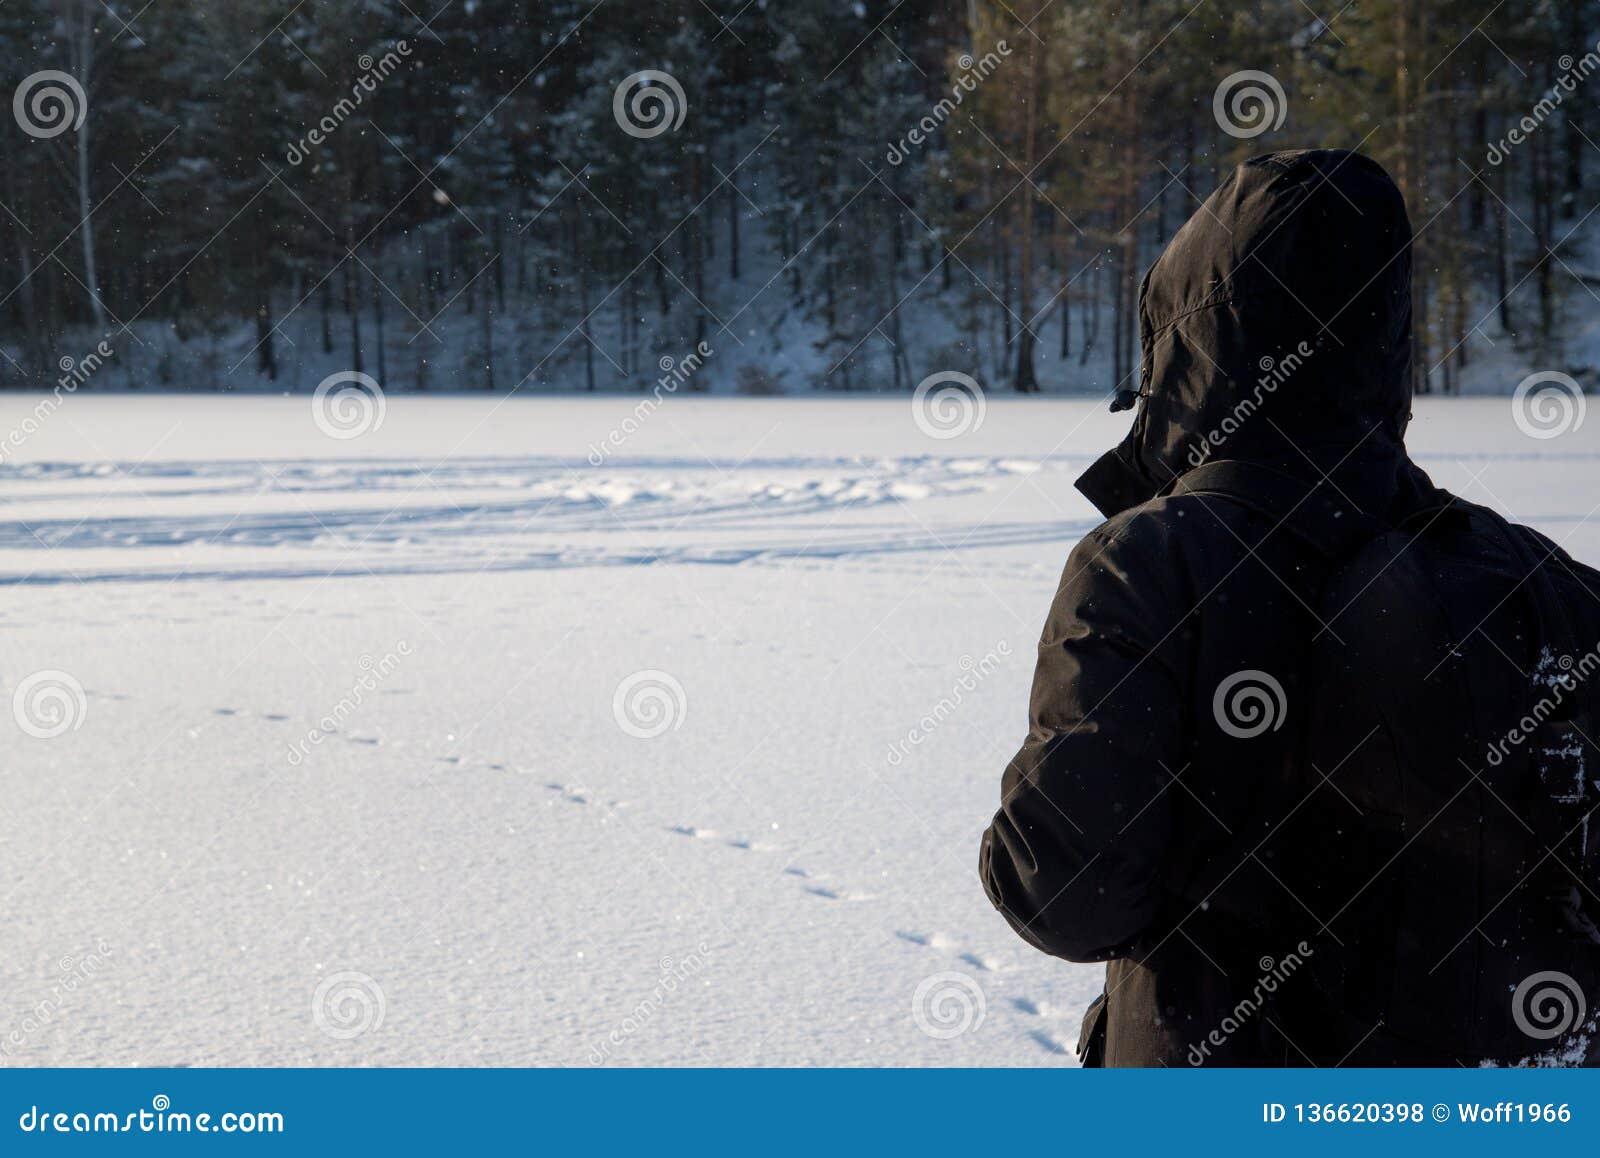 Un hombre que camina en la nieve Silueta de un hombre que camina en un llano nevoso